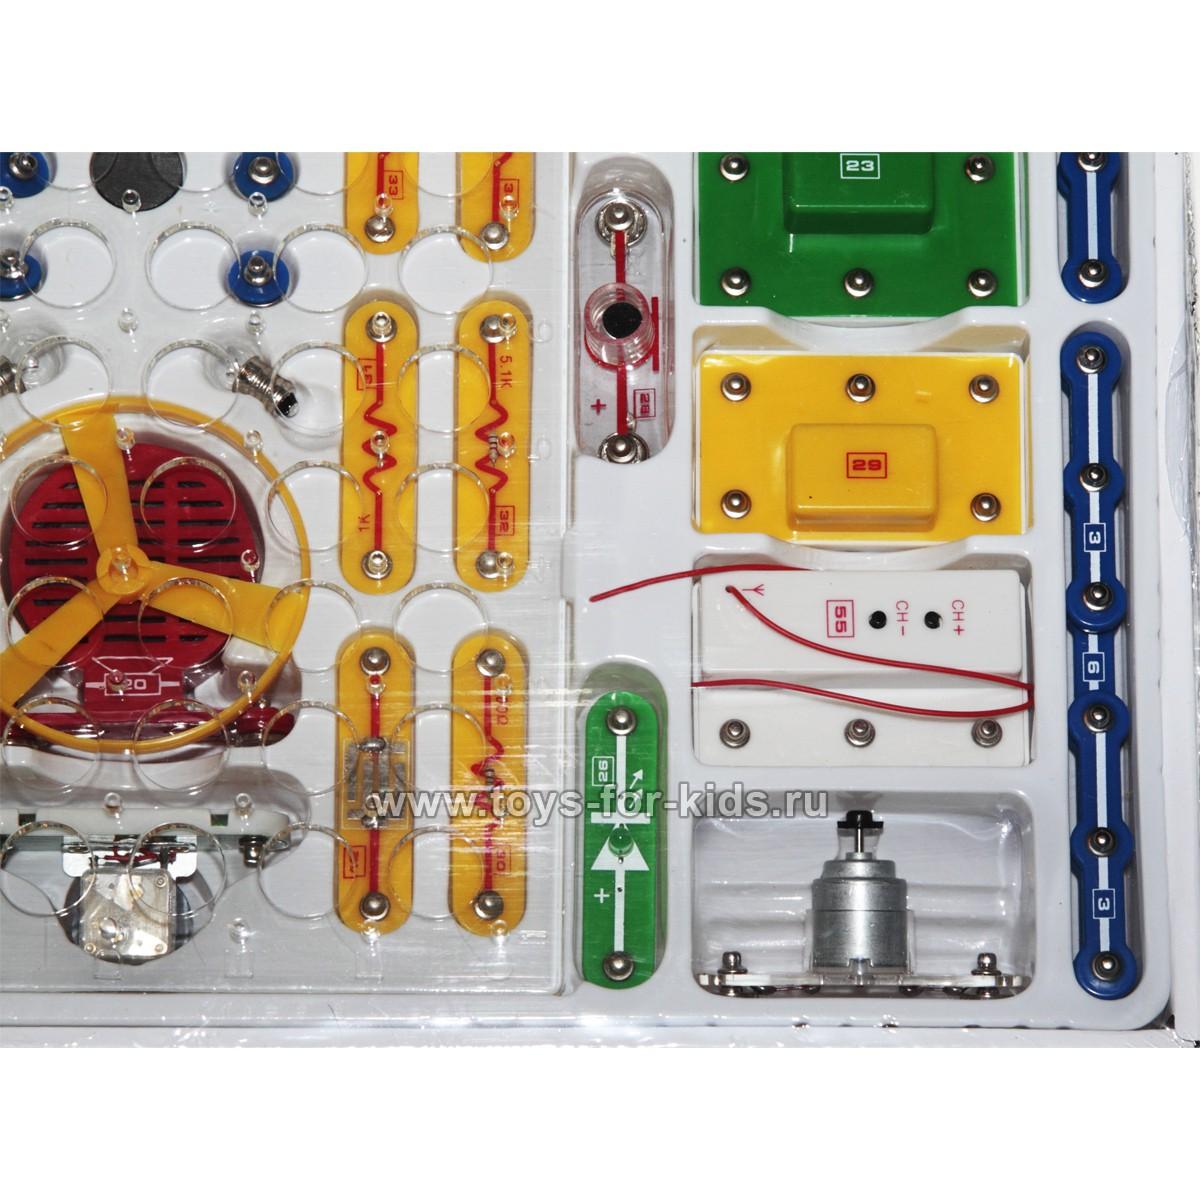 Электронный конструктор знаток 320 схем заказать6